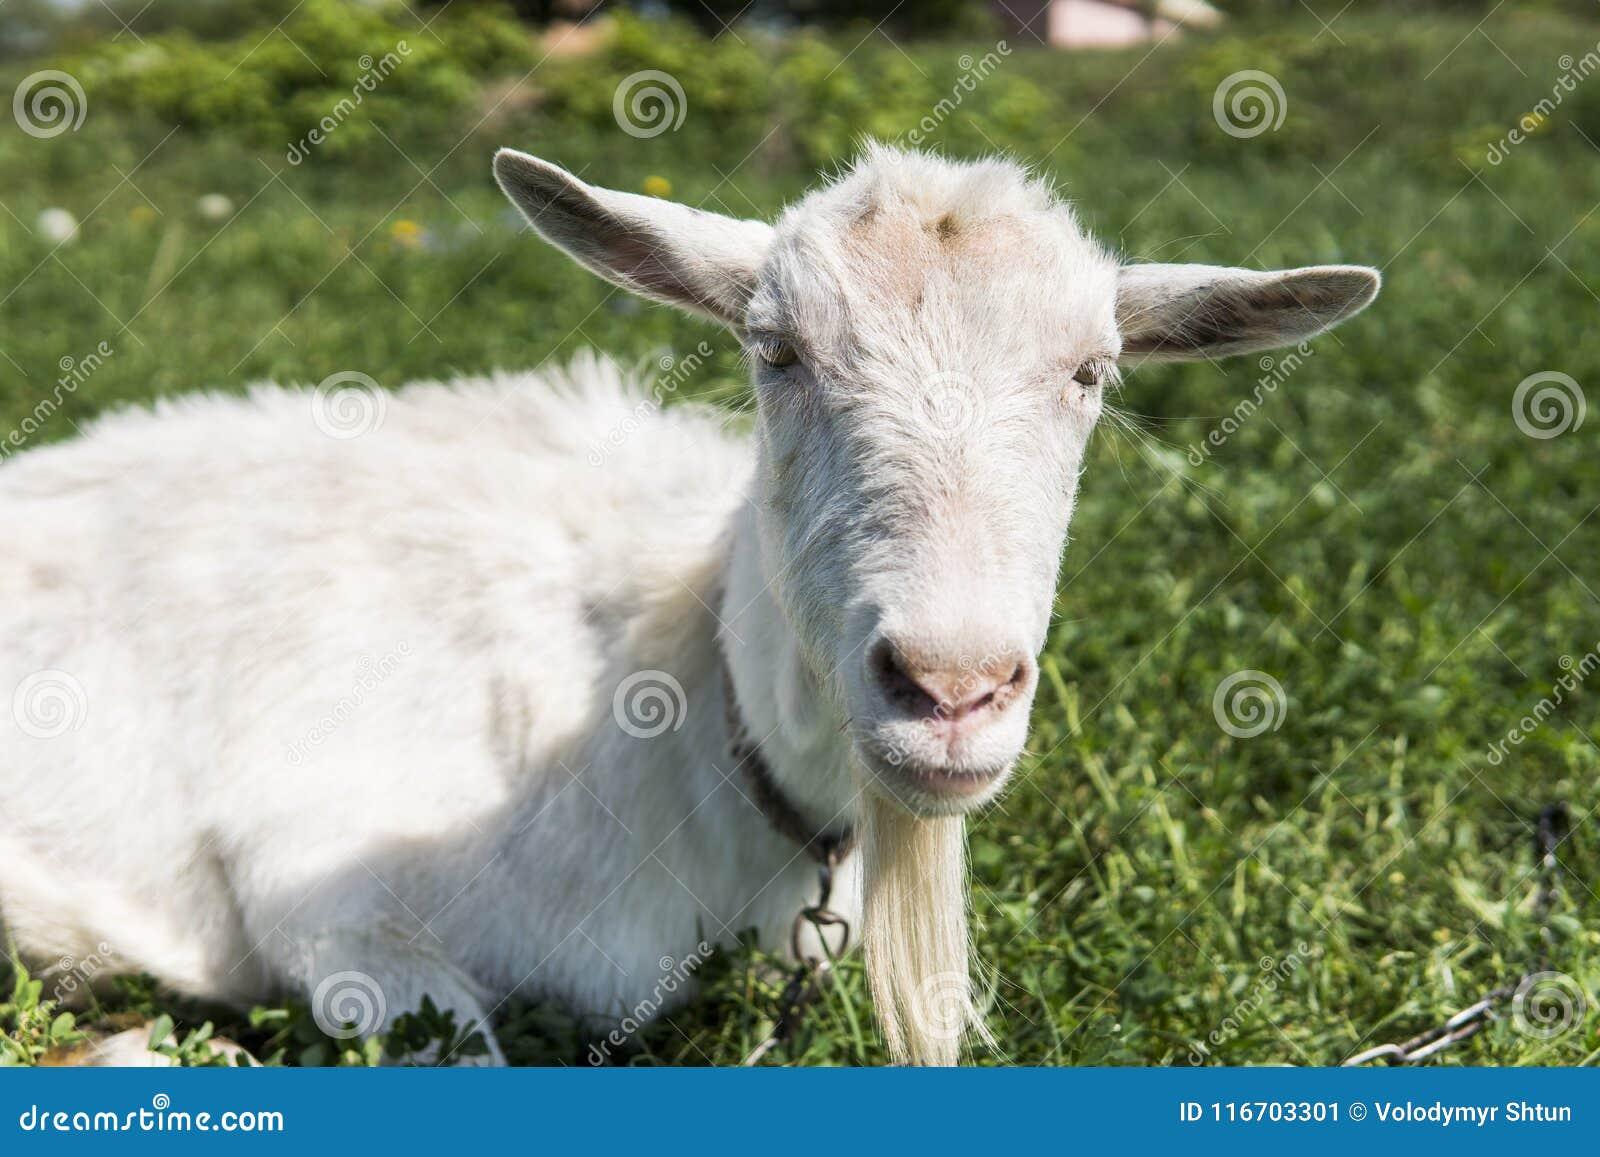 Close-up op witte grappige geit op een ketting met een lange baard die op groen weilandgebied weiden in een zonnige dag farming